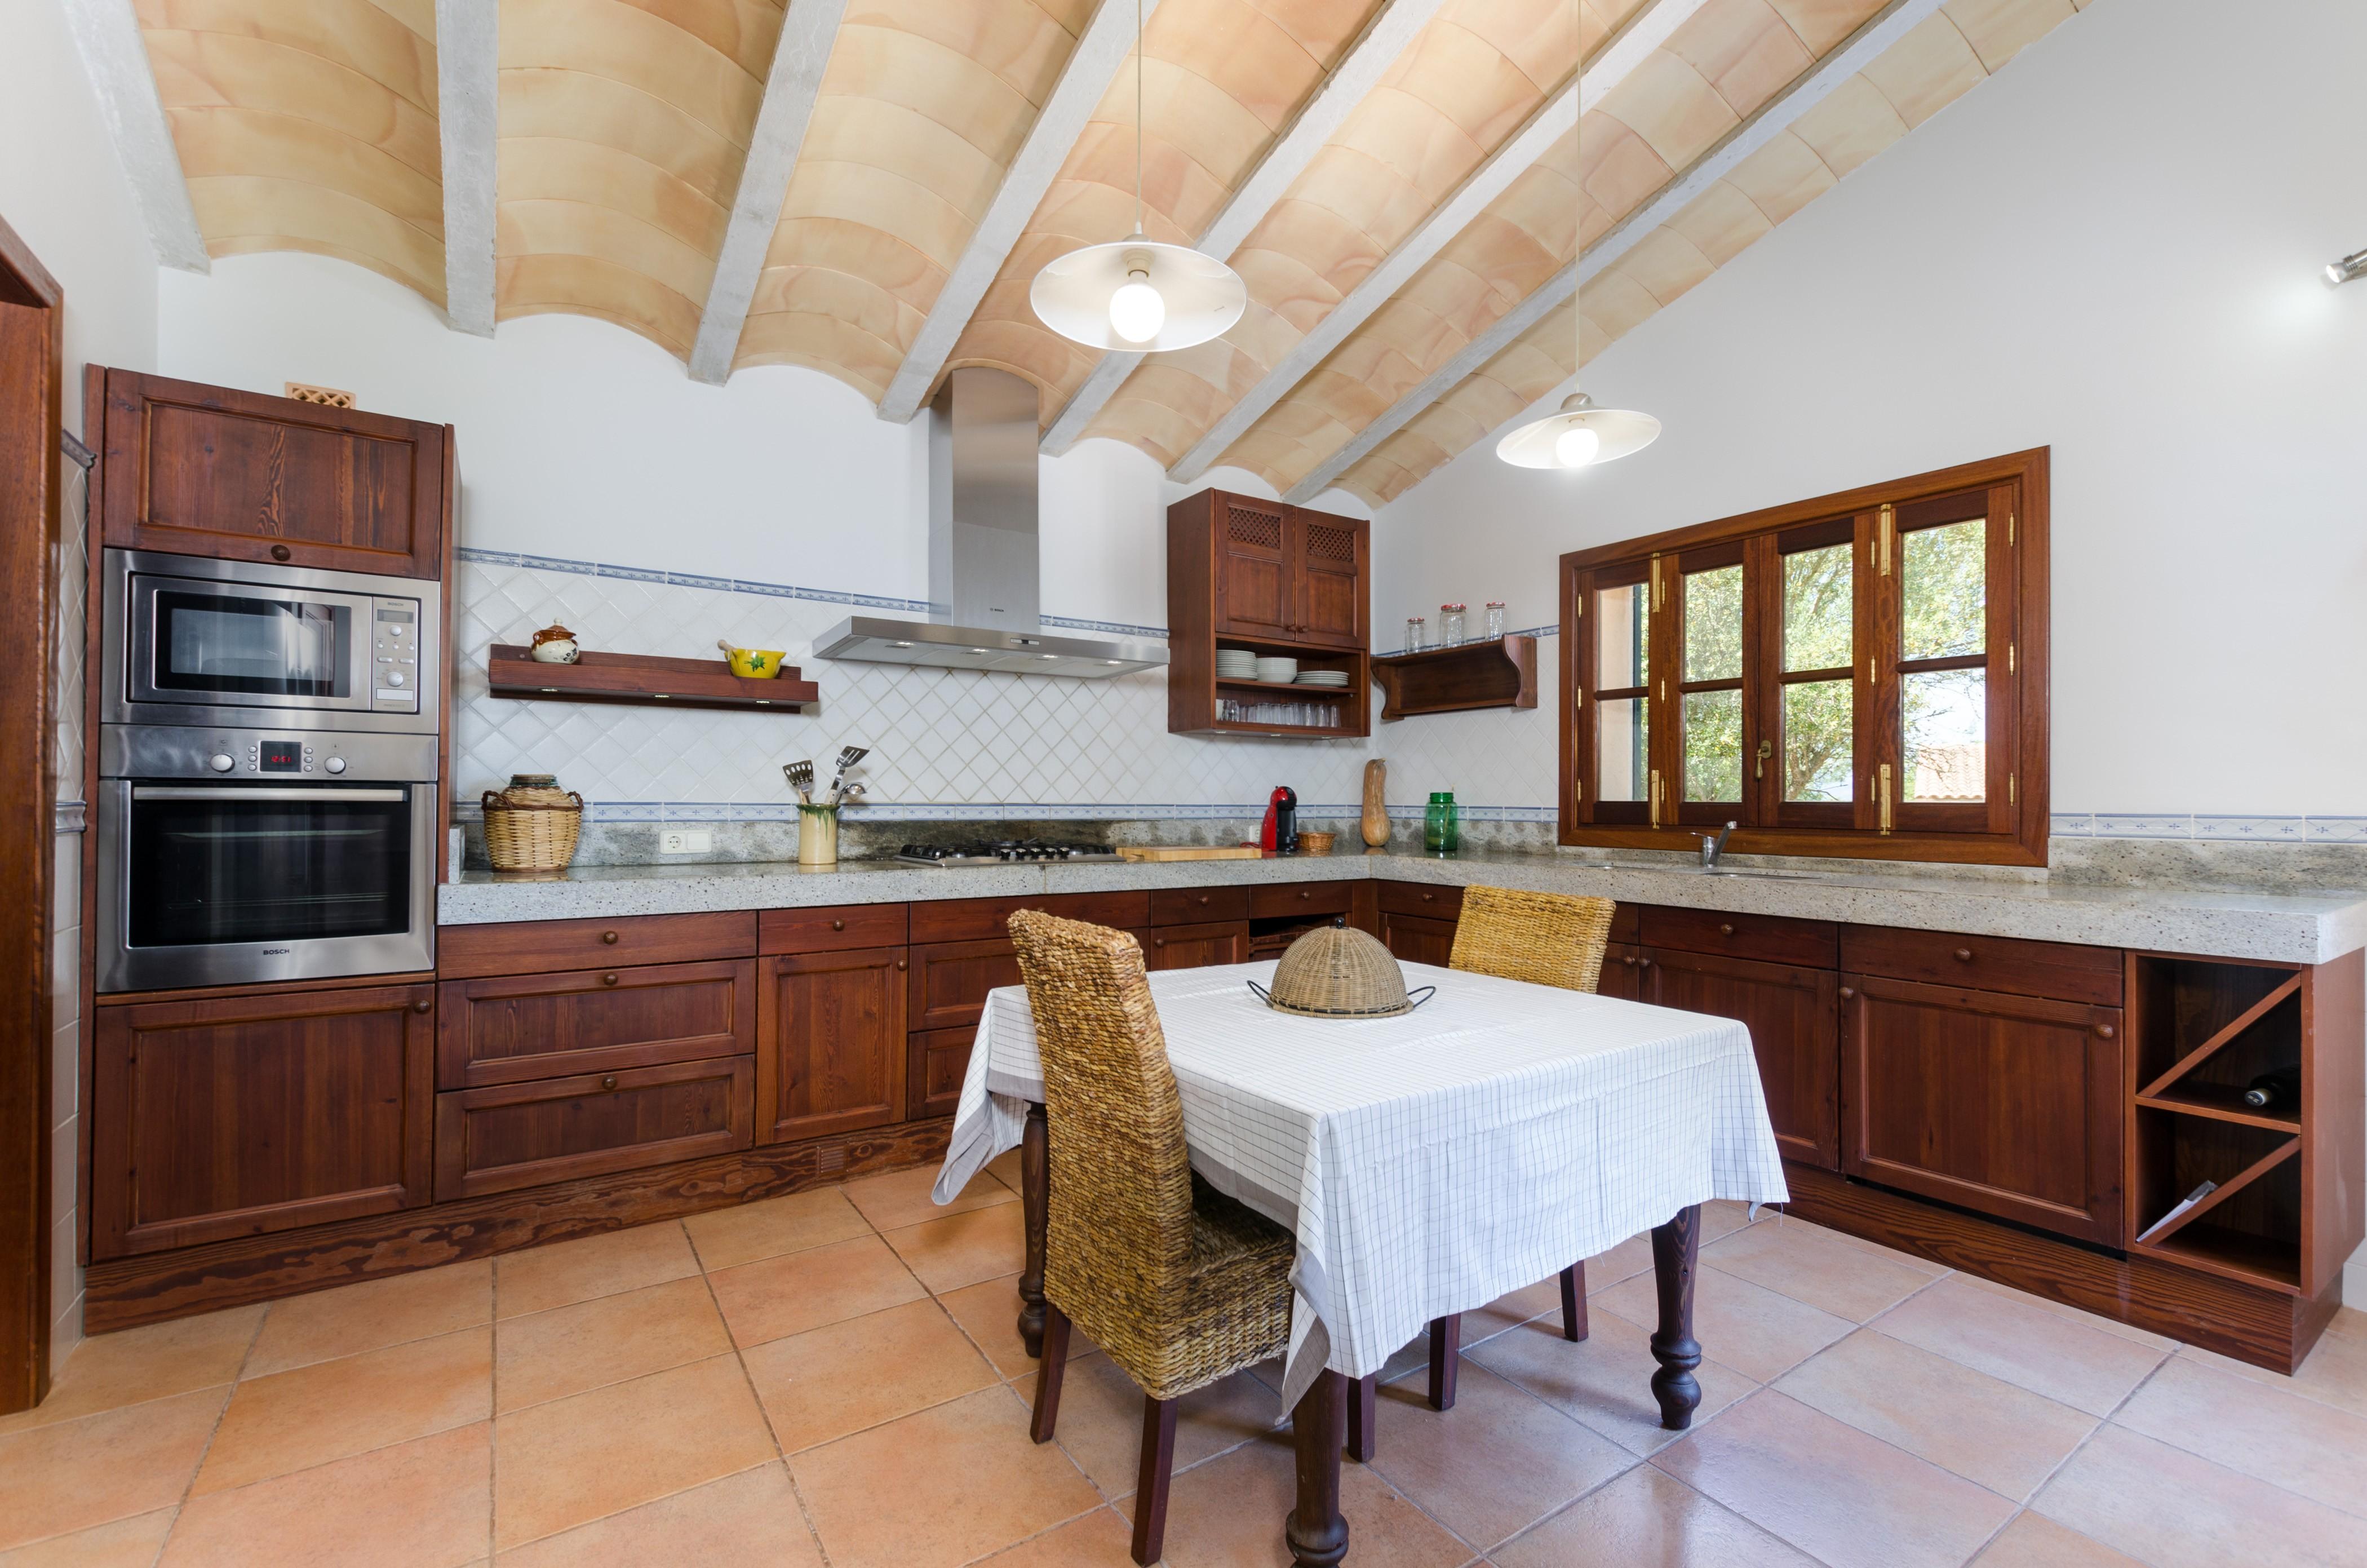 Maison de vacances ES VEDAT (2632993), Lloret de Vistalegre, Majorque, Iles Baléares, Espagne, image 17